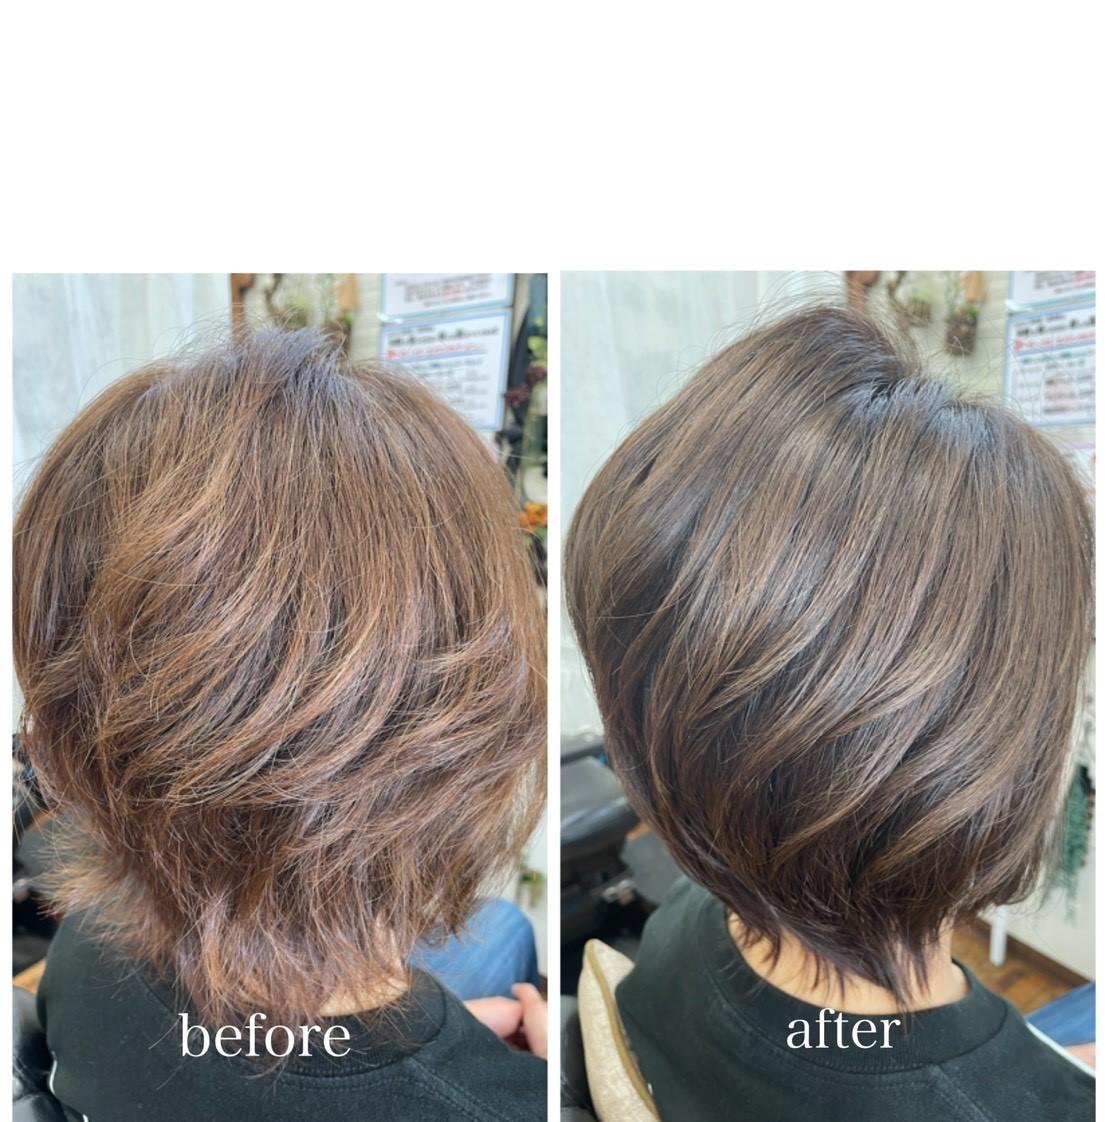 6.予防美髪・頭皮洗浄法のこだわり●頭皮洗浄で髪も身体も健康に!